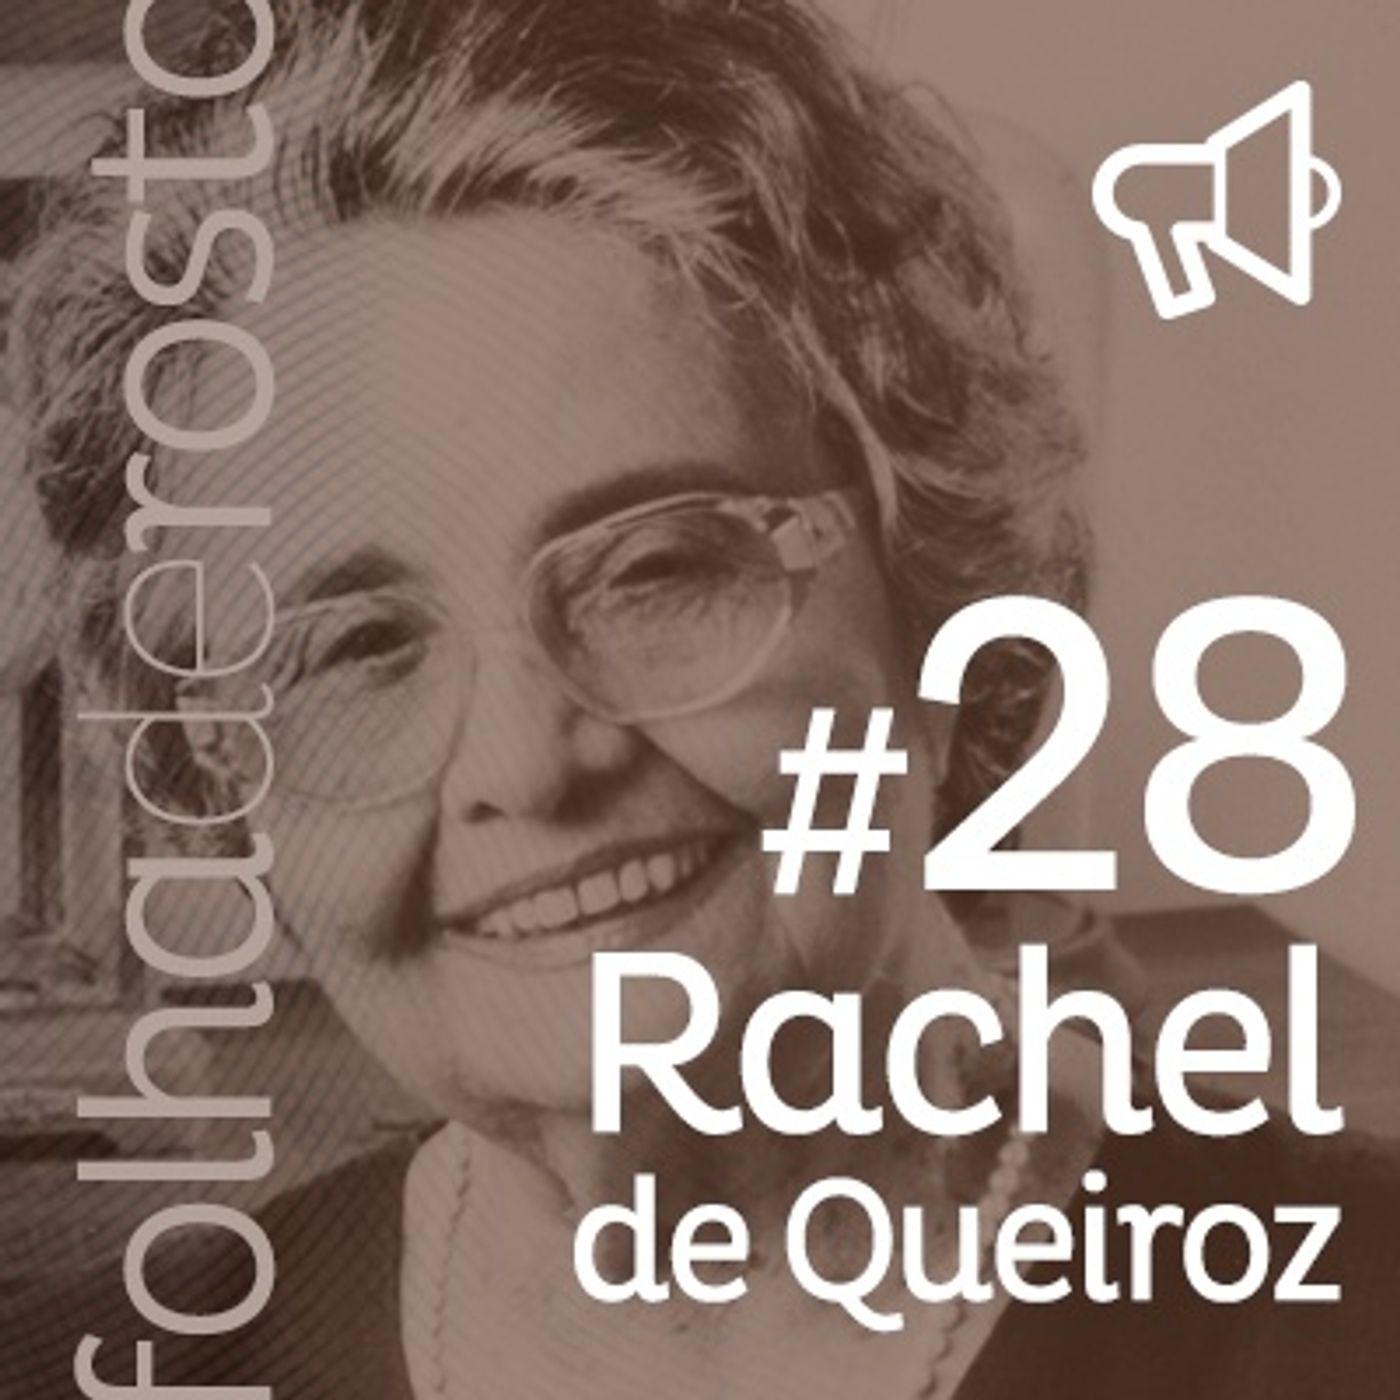 #28 - Rachel de Queiroz